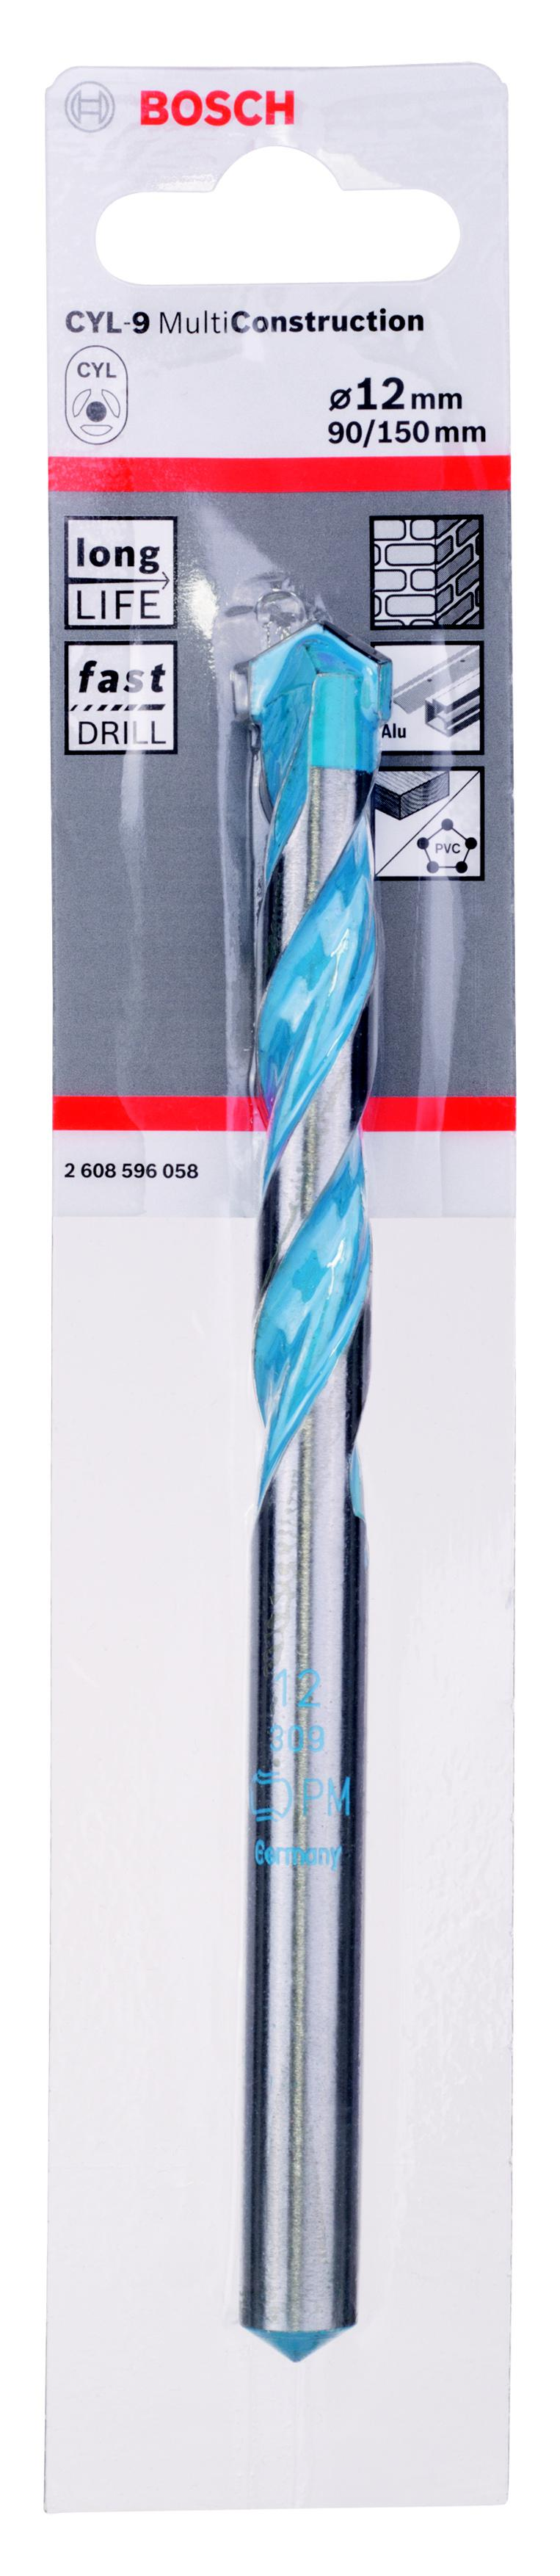 Сверло универсальное Bosch Cyl-9 multi construction 12.0 мм (2.608.596.058) сверло универсальное bosch diy 8x80x120 2609255477